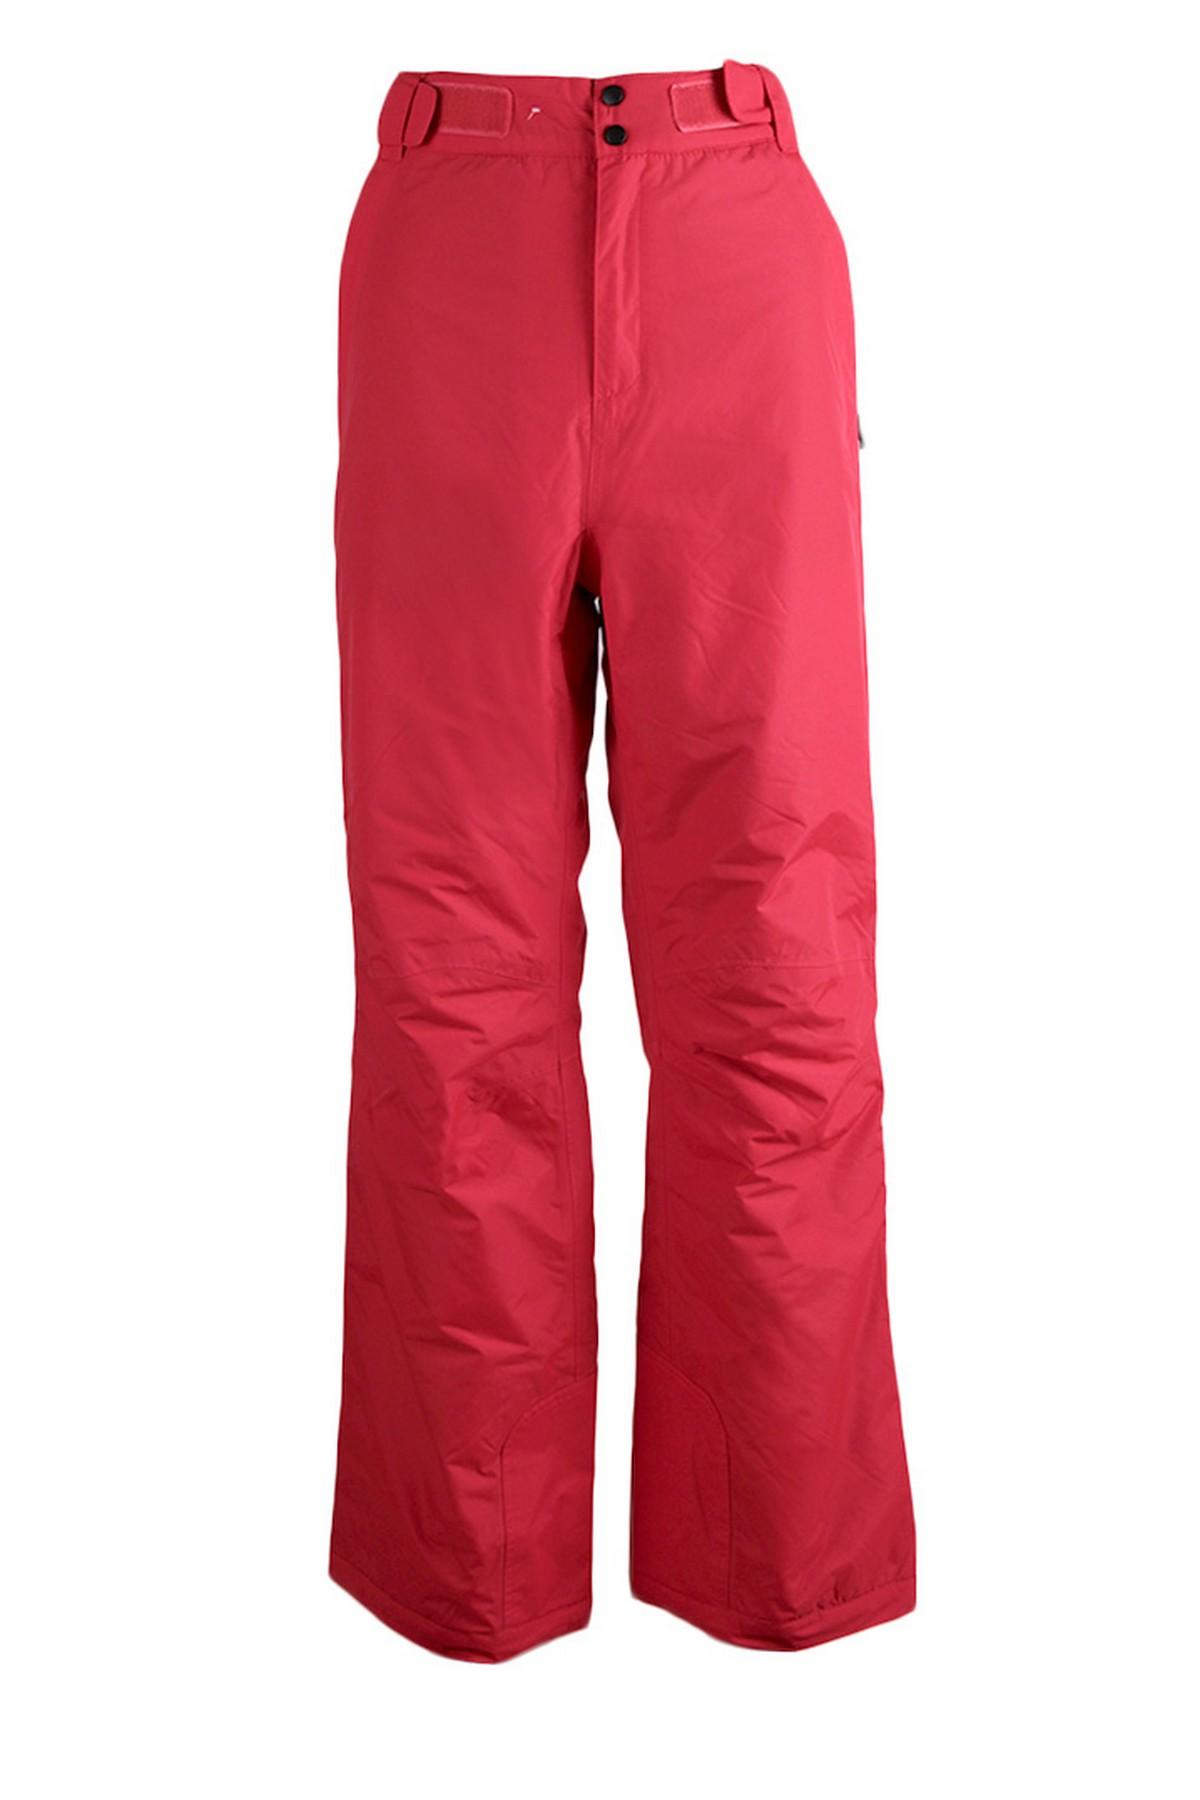 Dare2b Divadown Kadın Kayak Pantolonu Kırmızı (DMW050-43X)